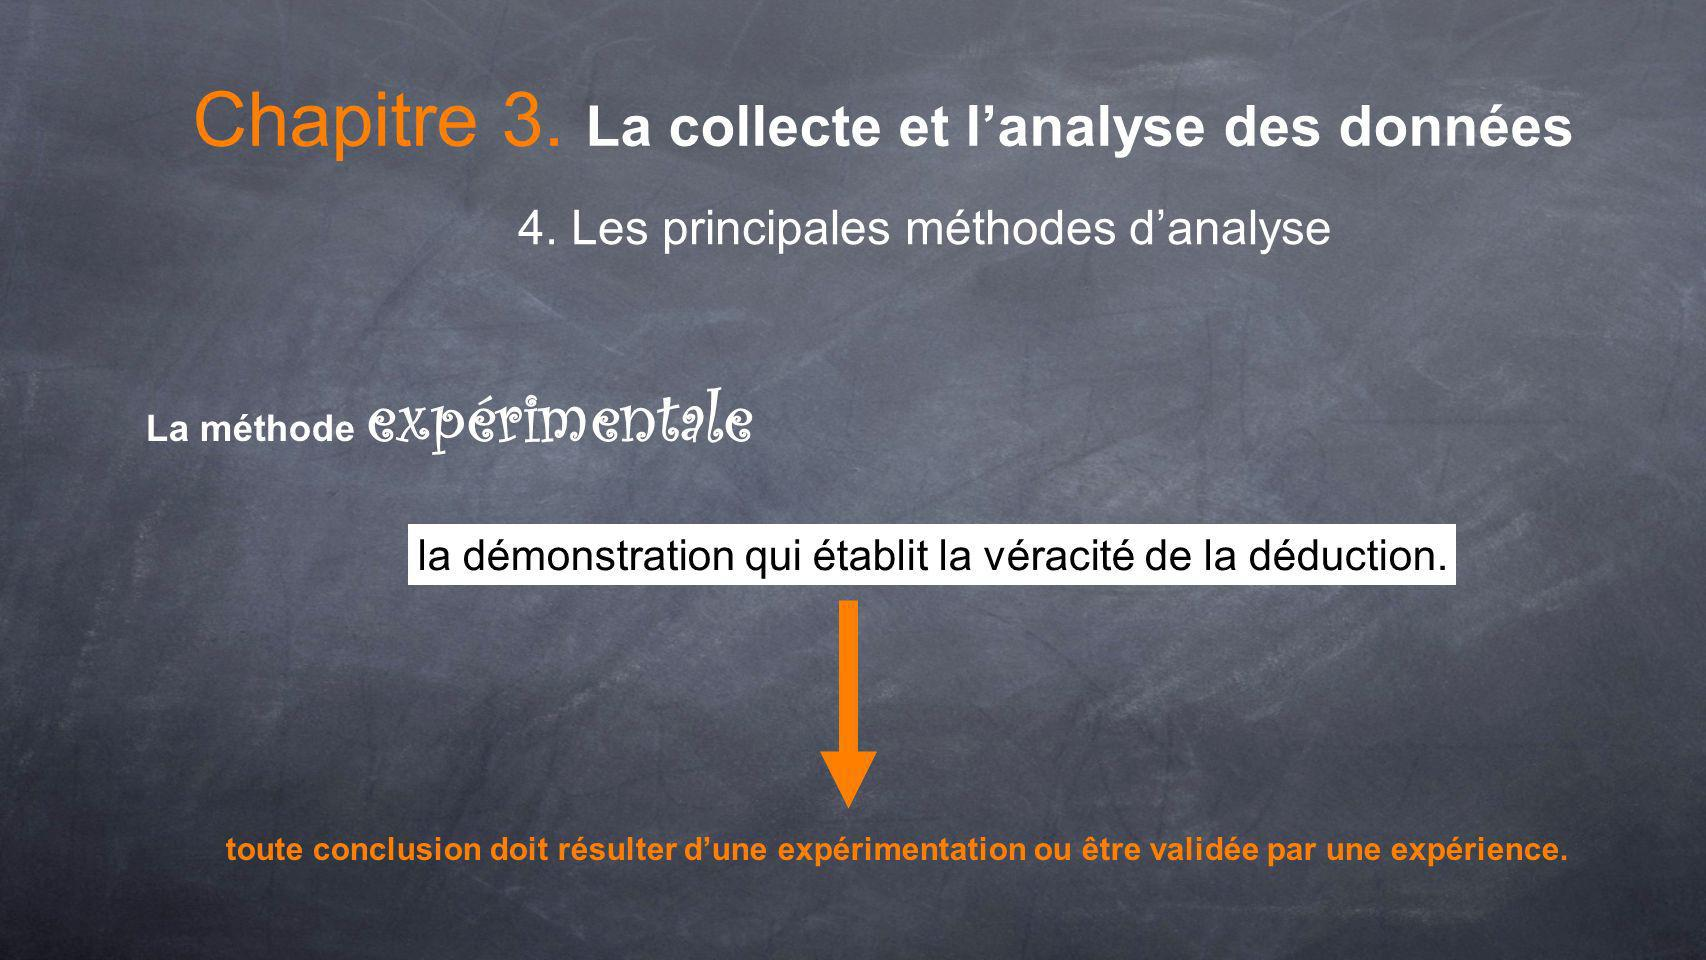 Chapitre 3. La collecte et lanalyse des données 4. Les principales méthodes danalyse La méthode expérimentale la démonstration qui établit la véracité